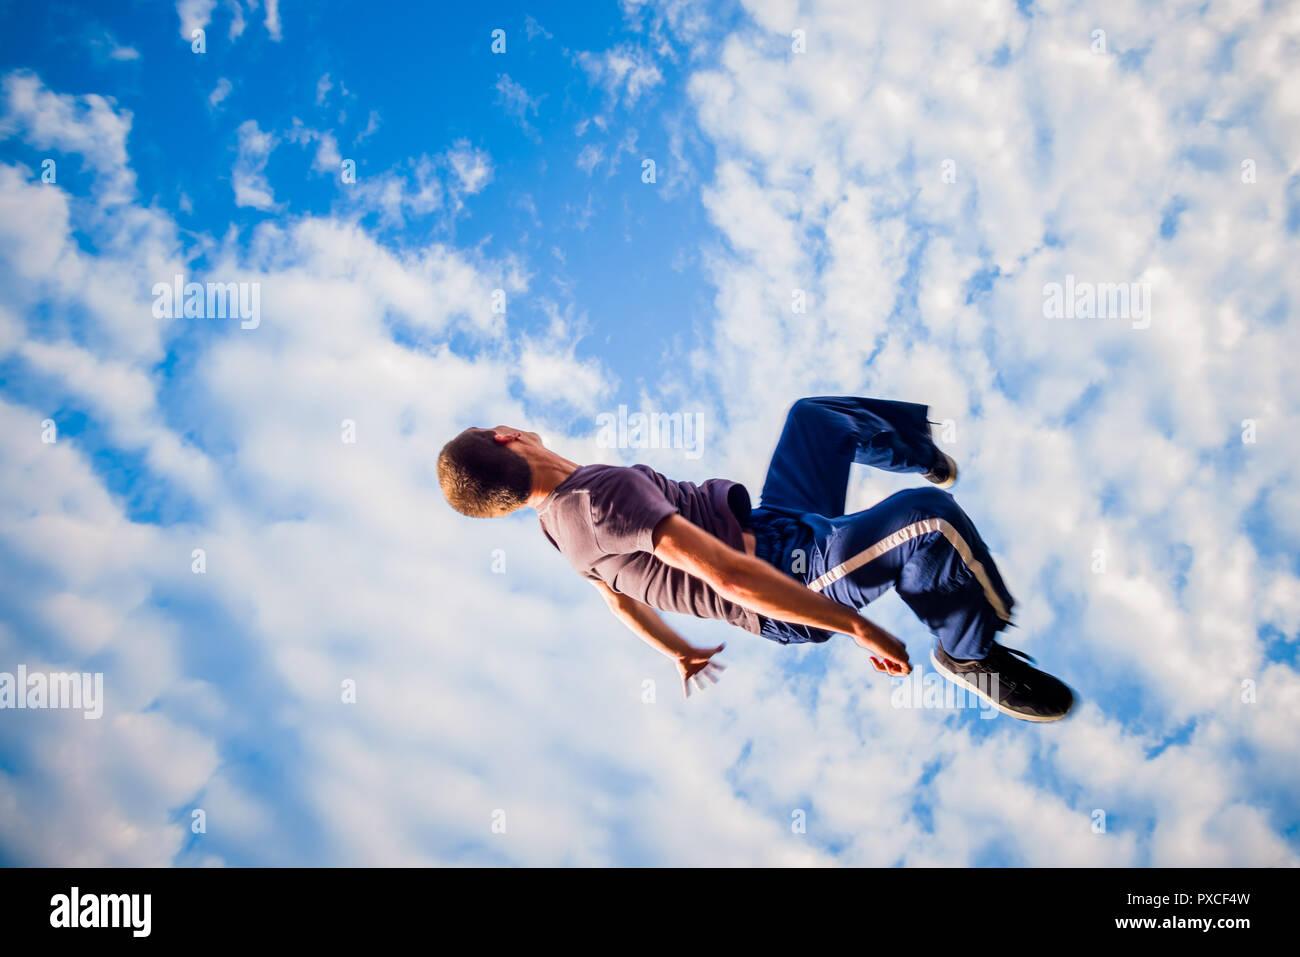 Les trains parkour lors d'un saut de l'homme dans l'air Photo Stock